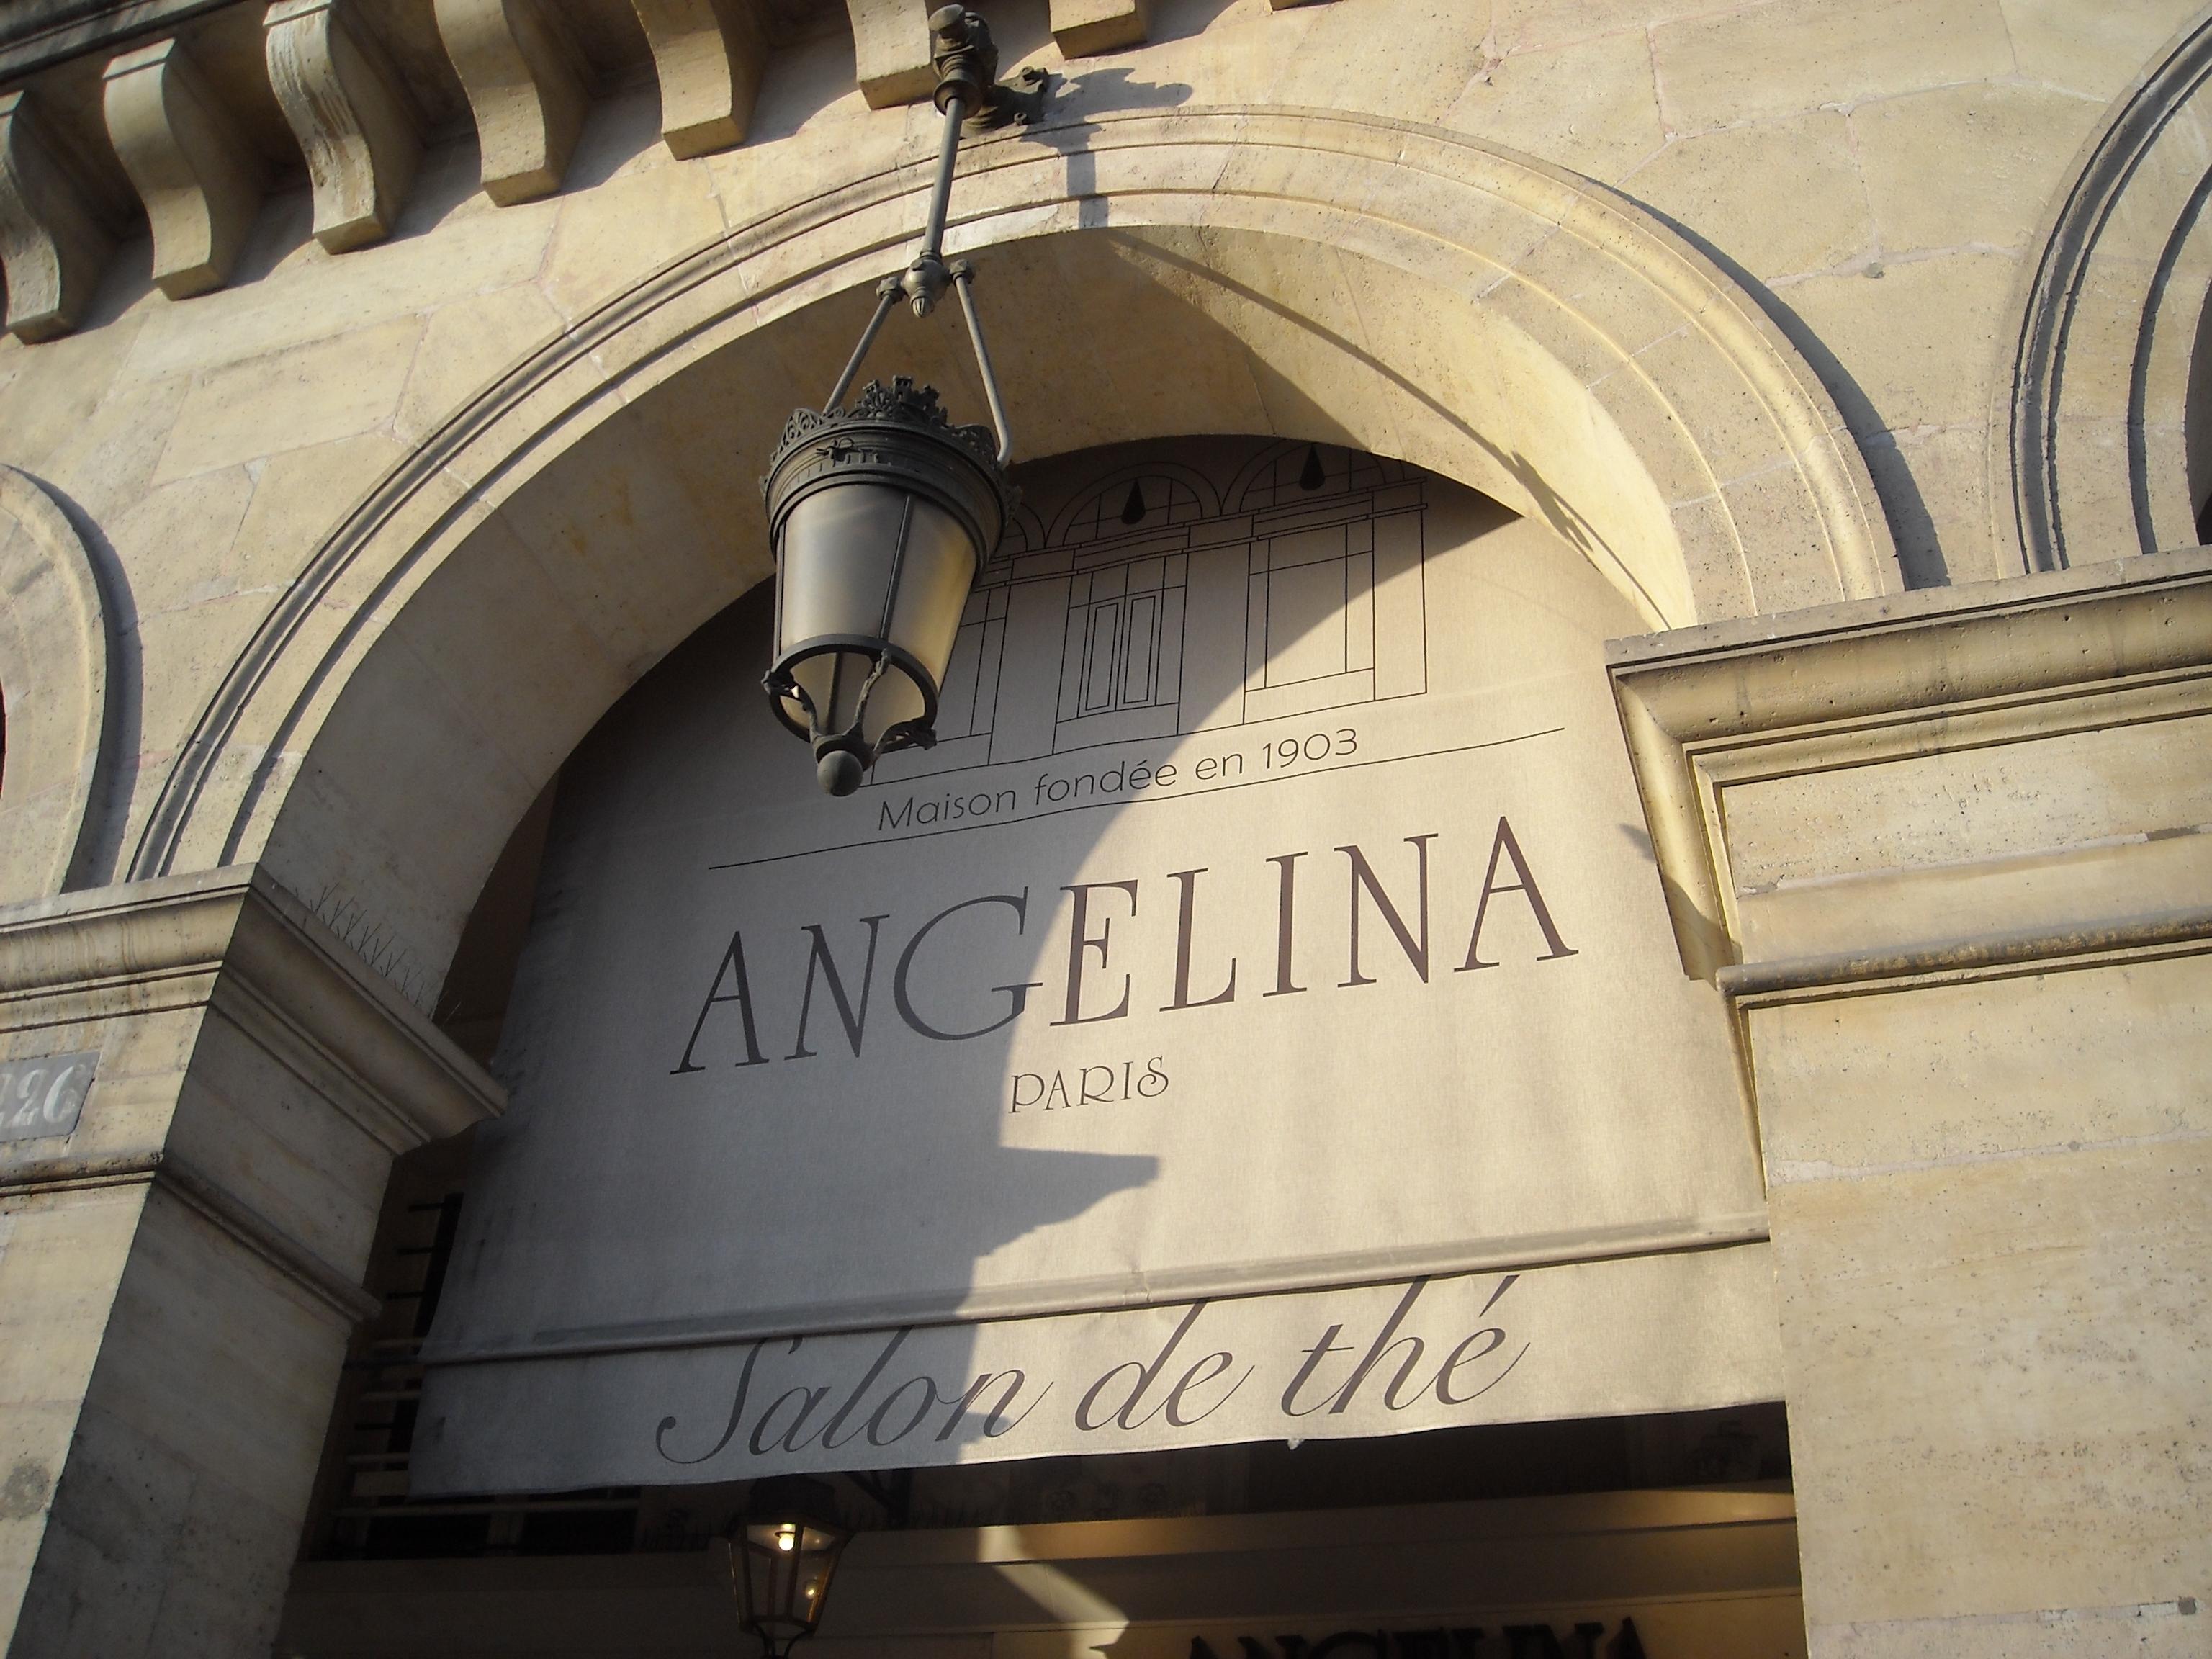 Angelina (salon de thé) — Wikipédia